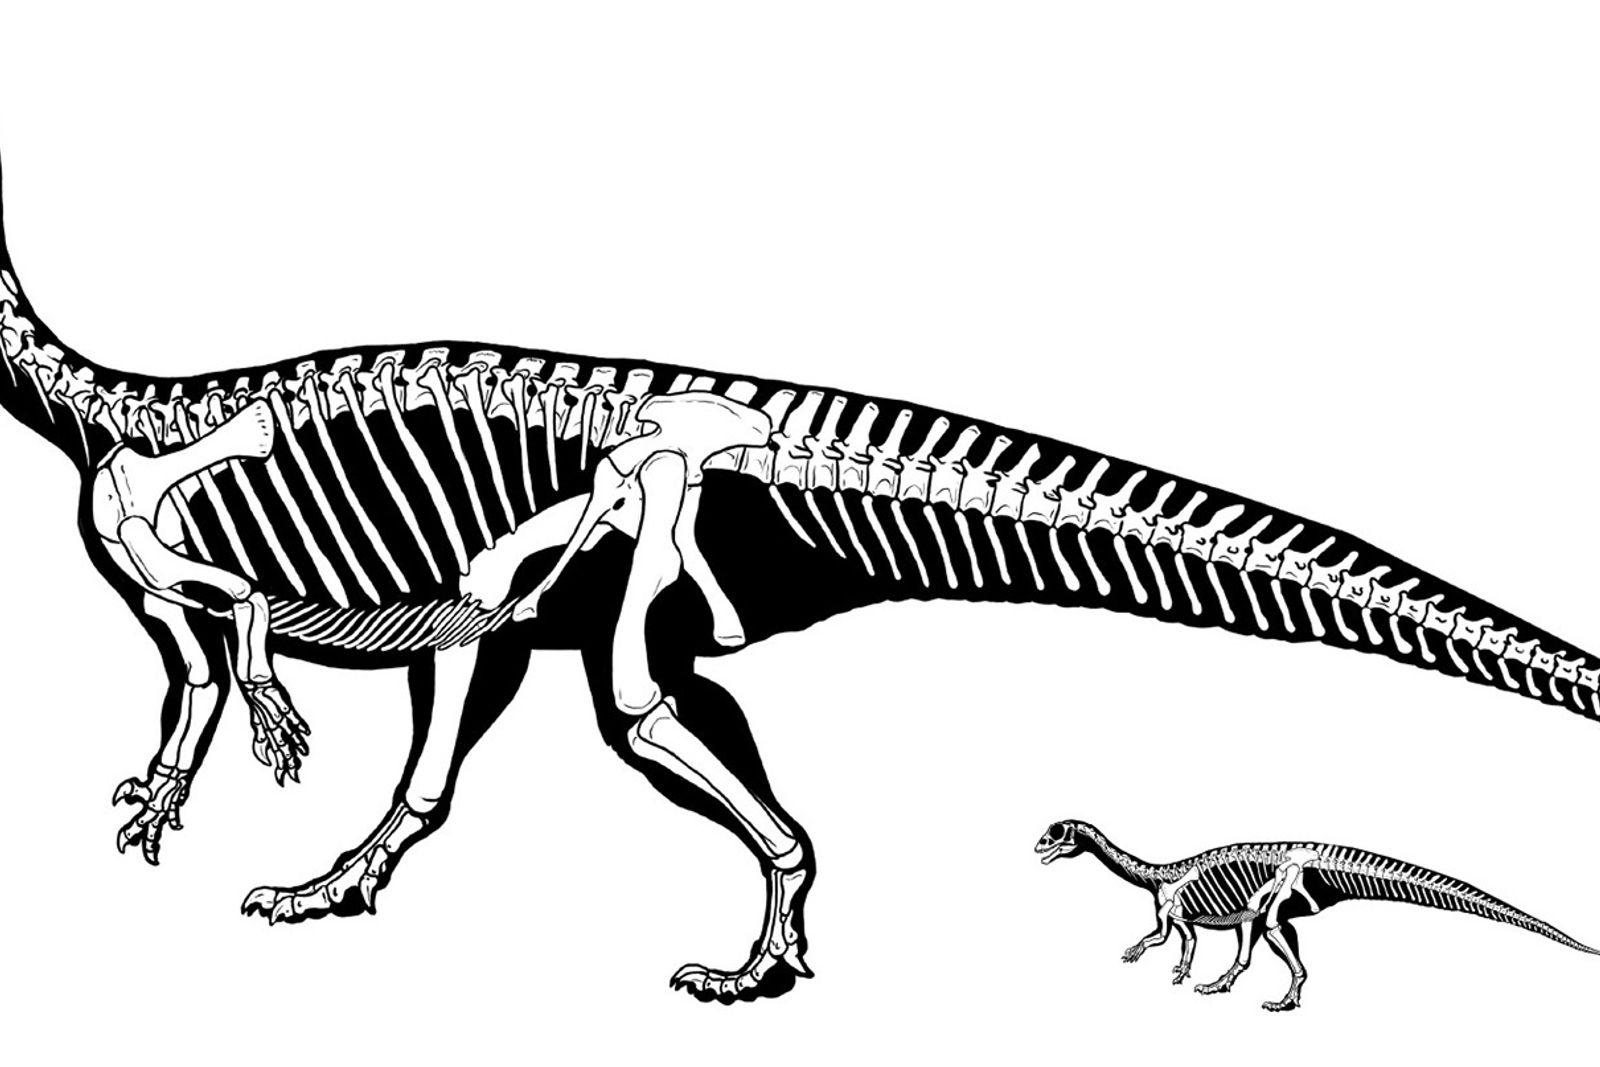 Mussaurus patagonicus